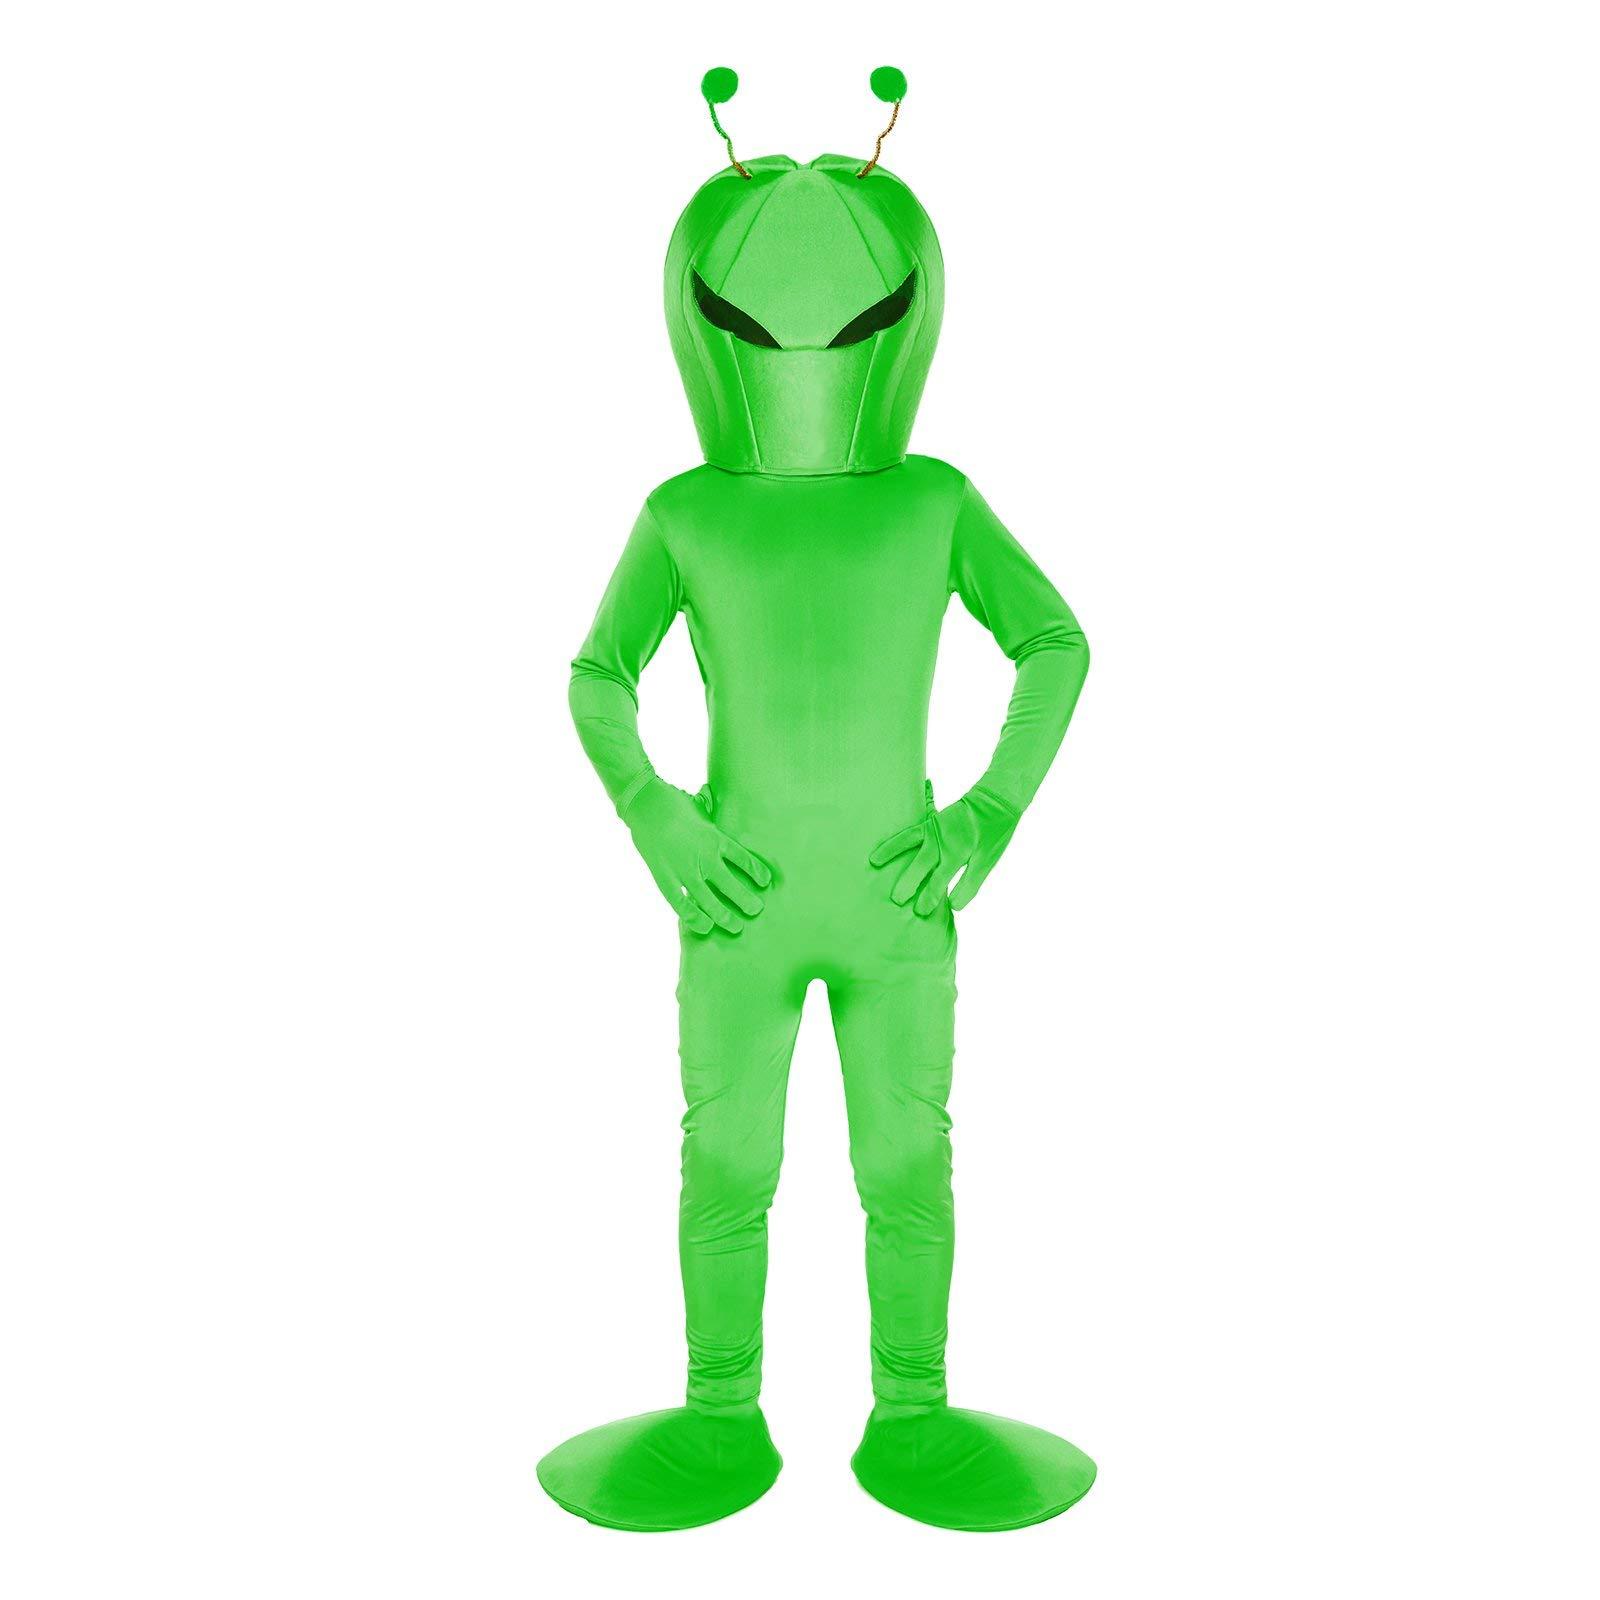 Childrens Disfraz de alien